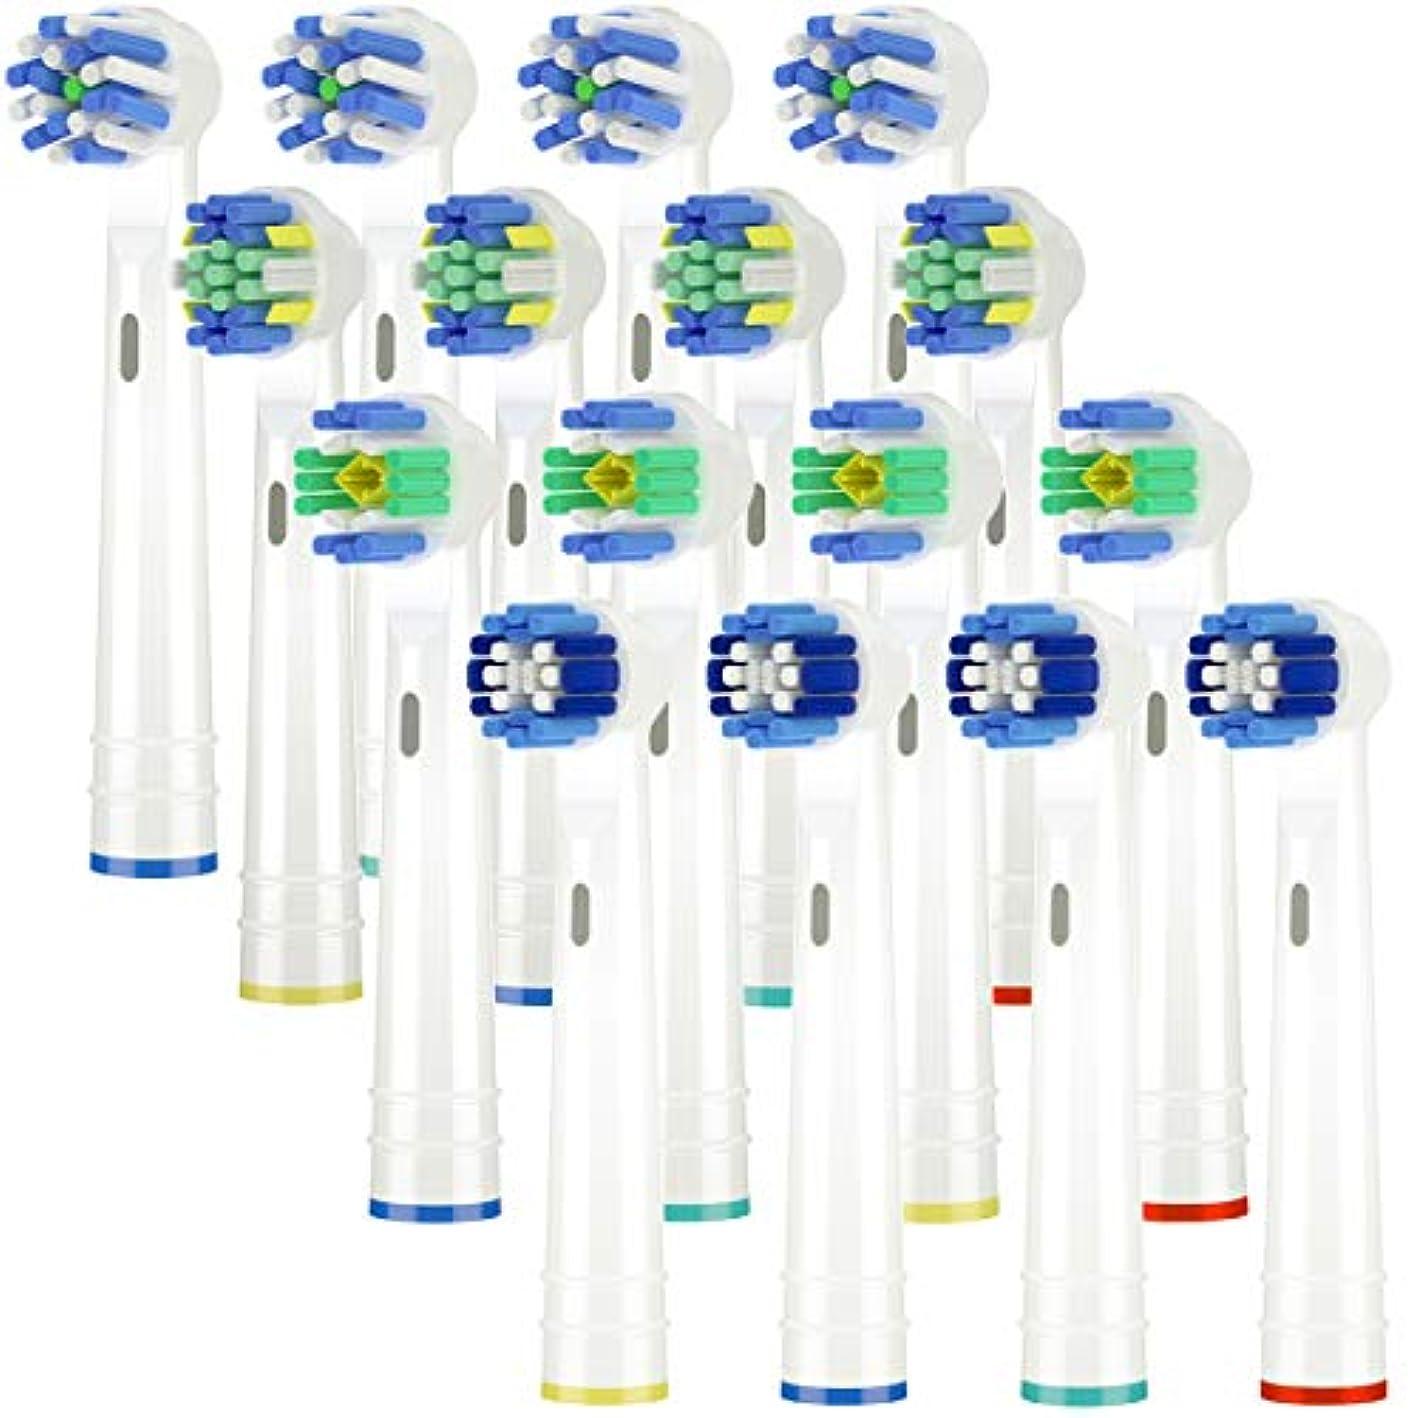 苛性ナプキン分配しますItechnik 電動歯ブラシ 替えブラシ ブラウン オーラルB 対応 替えブラシ 4種類が入り:ホワイトニングブラシ 、ベーシックブラシ、歯間ワイパー付きブラシ、マルチアクションブラシ 凡用な16本